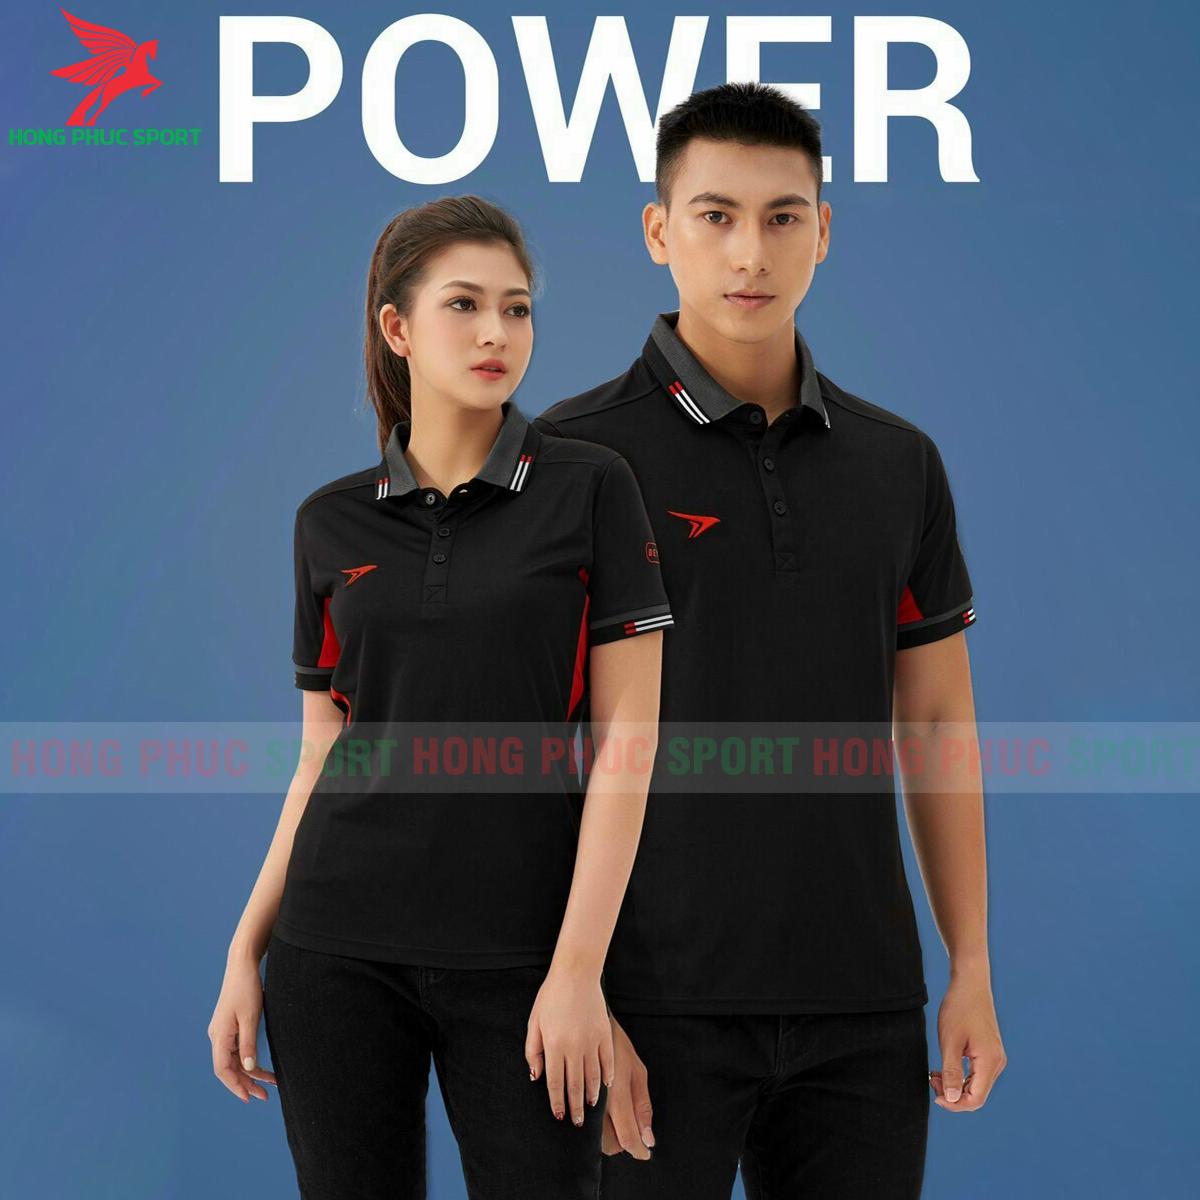 Áo di chuyển PoloBeyono Power2021 màu đen